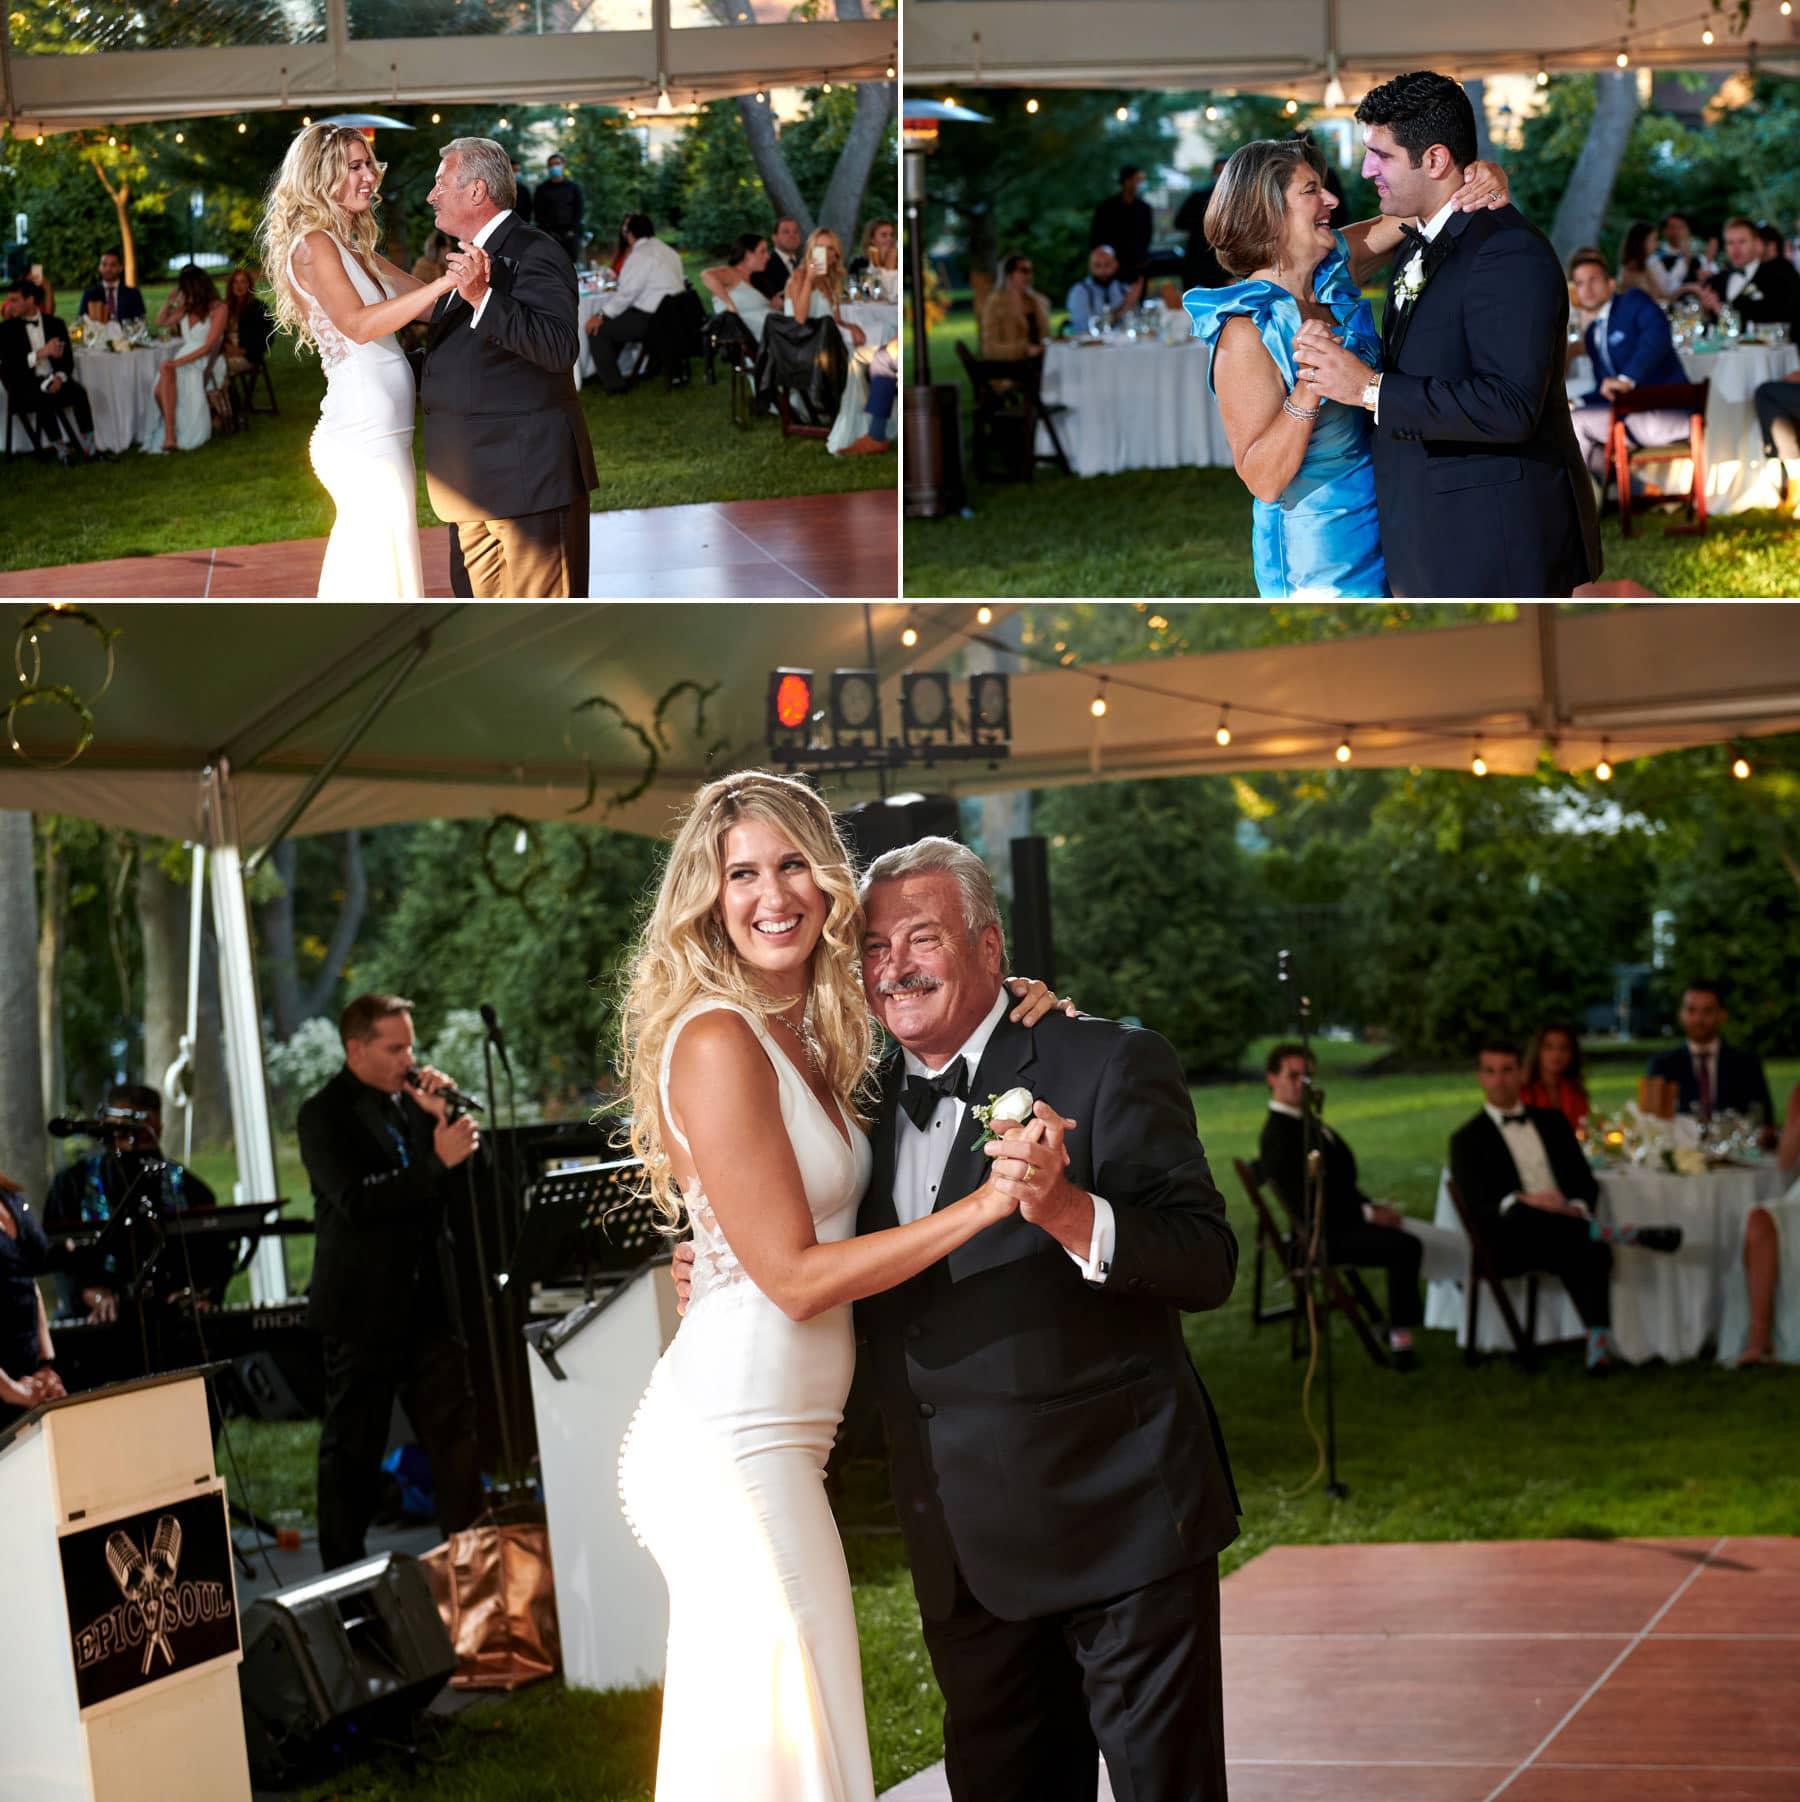 parent dance photos at a nj backyard wedding